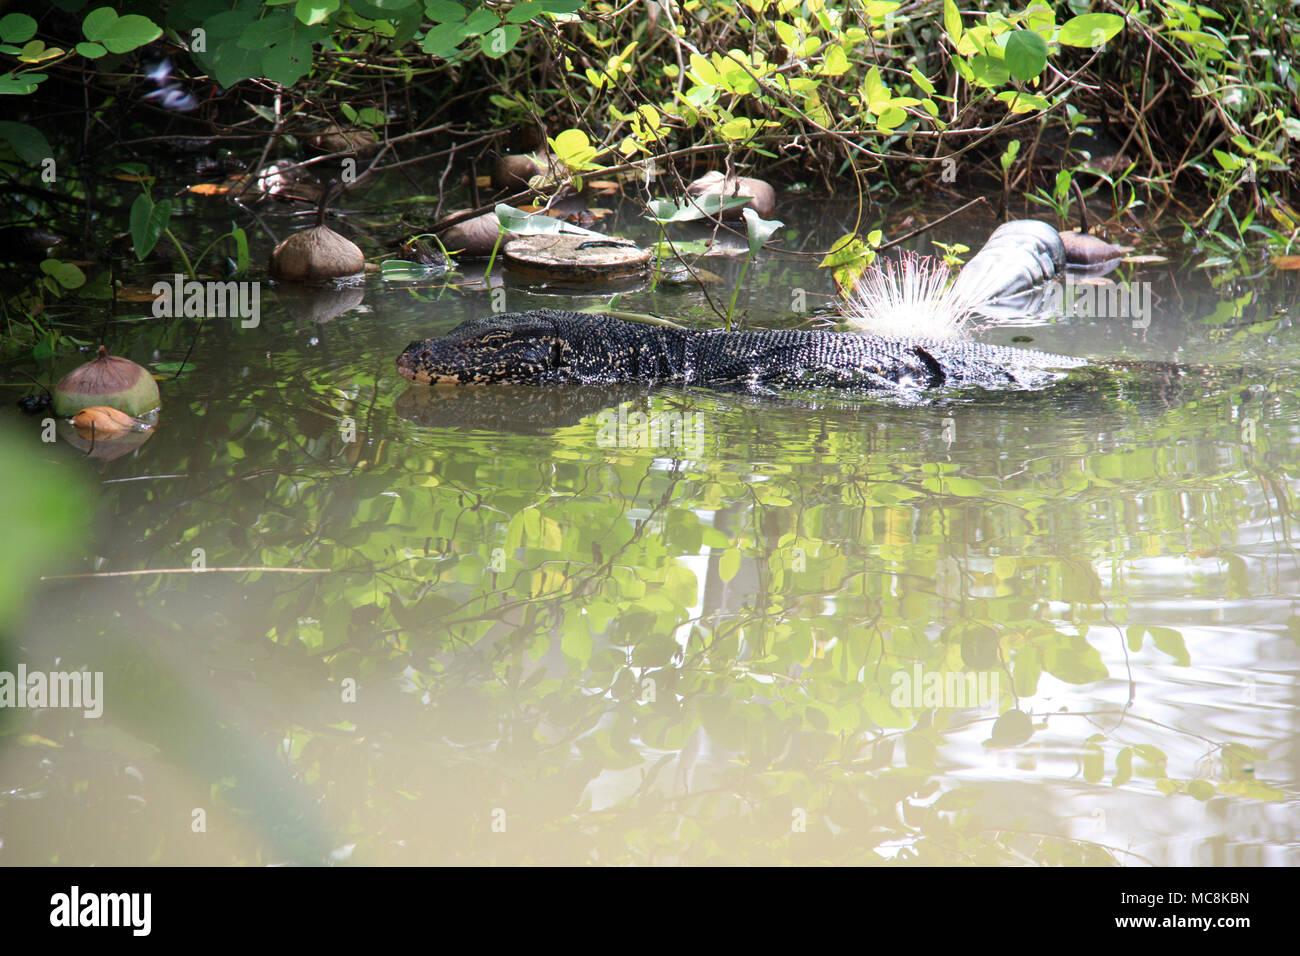 Huge Monitor Lizard swimming in a lagoon in Sri Lanka - Stock Image